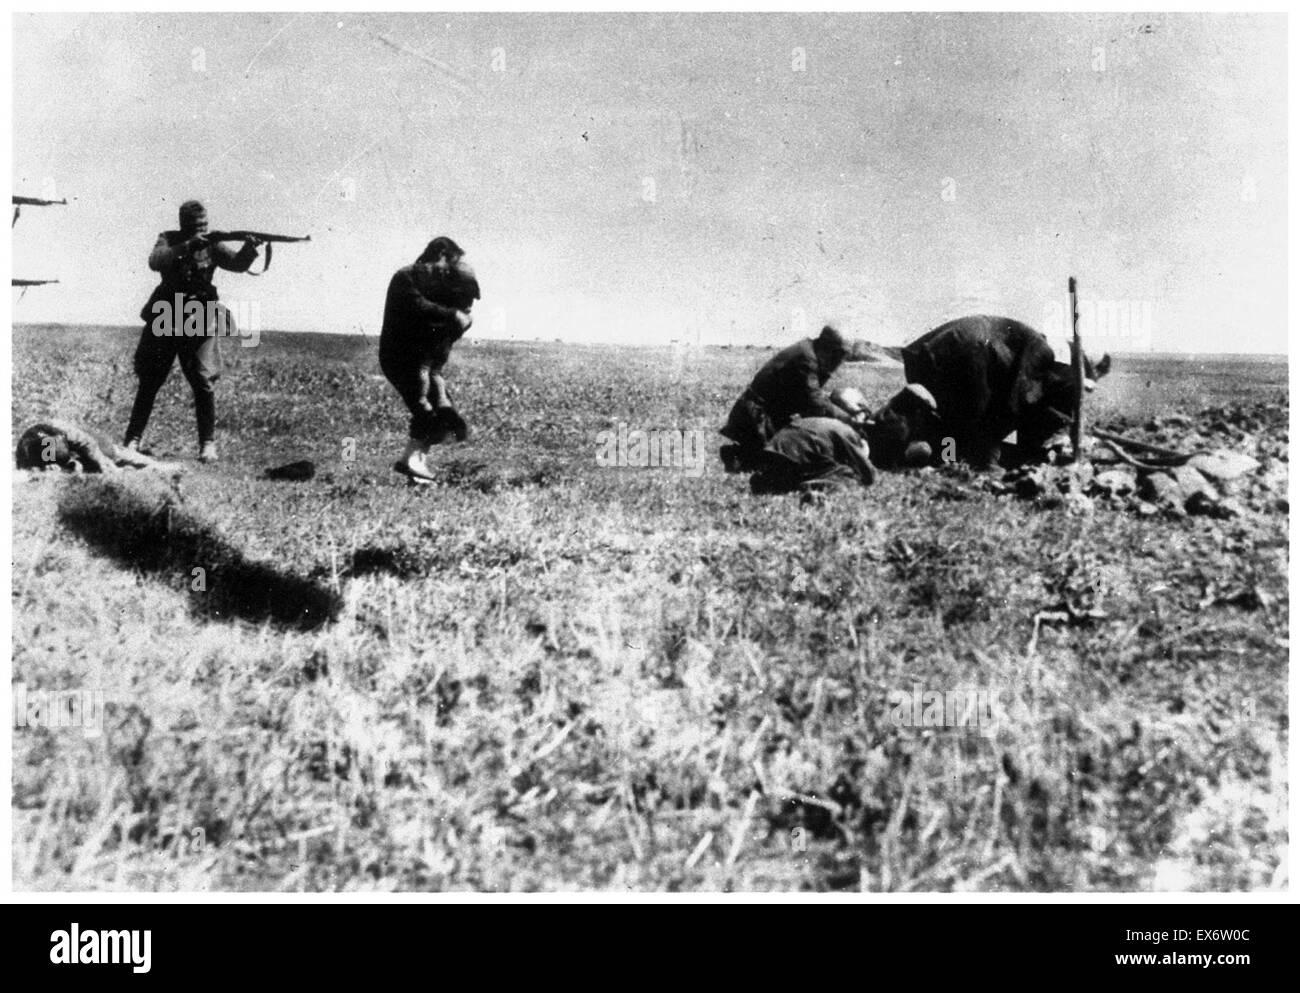 Einzatz Gruppen execute Jews in Kiev in the Ukraine 1942 - Stock Image